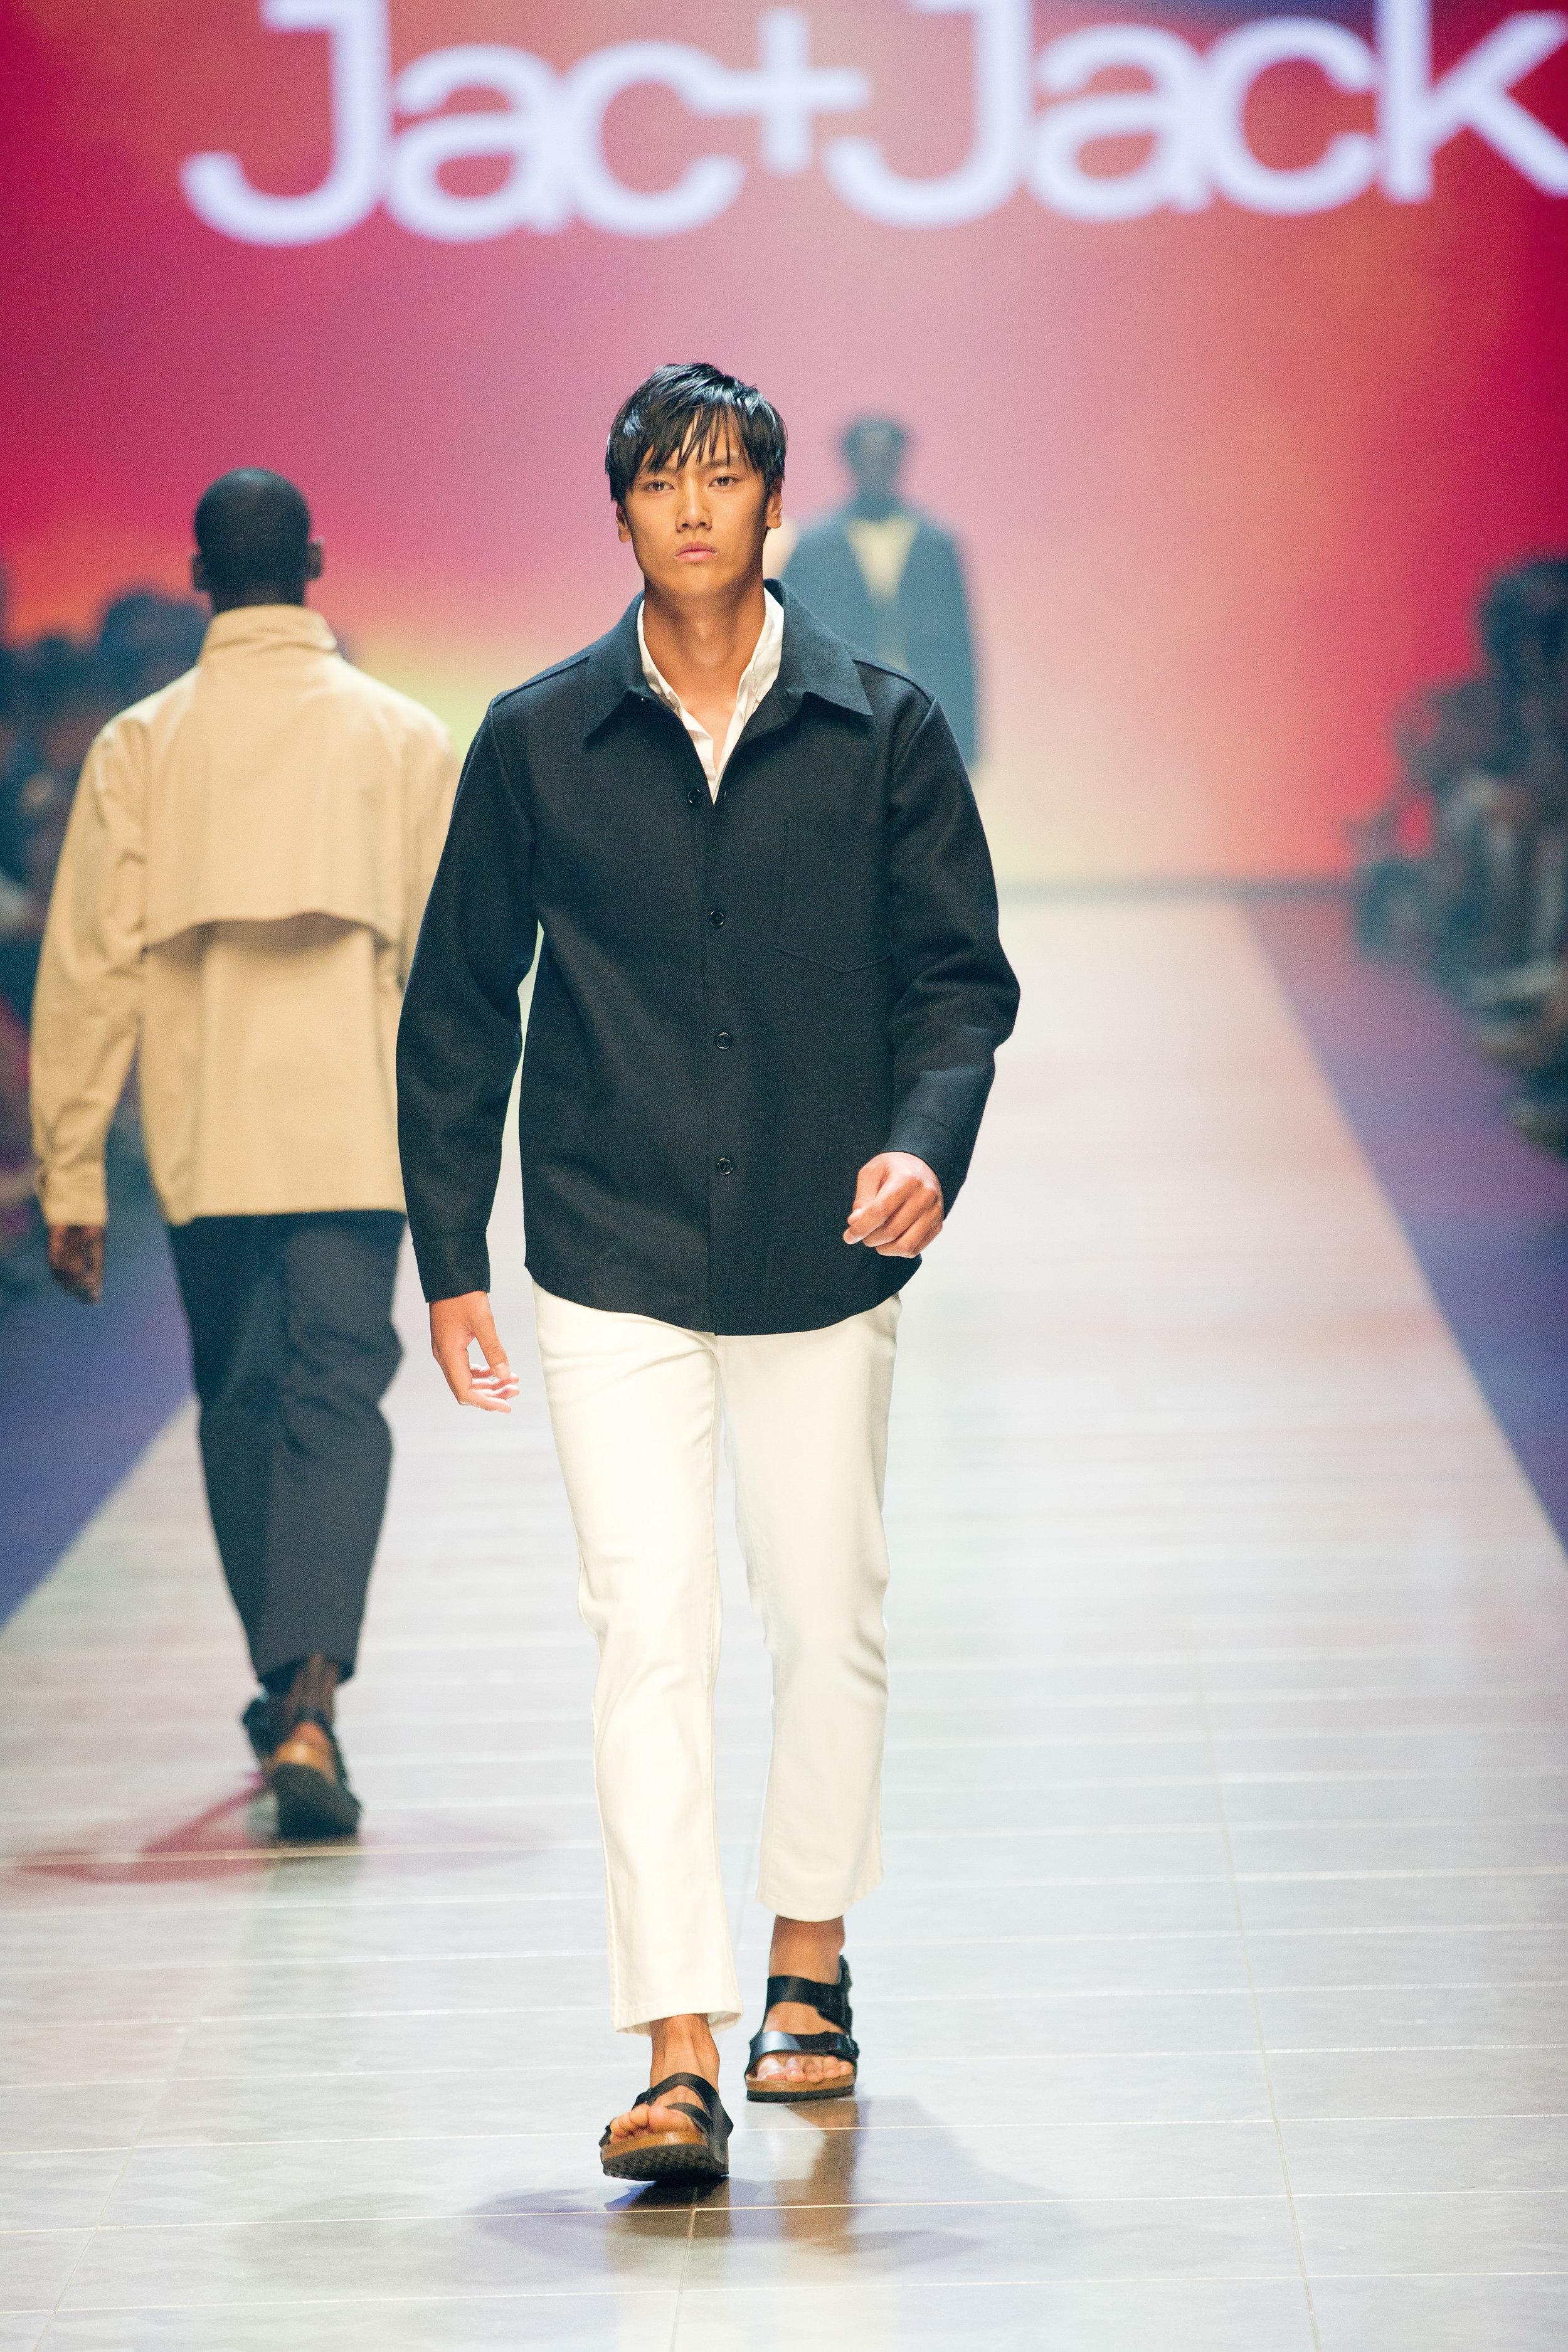 VAMFF2019_GQ Menswear-166.jpg